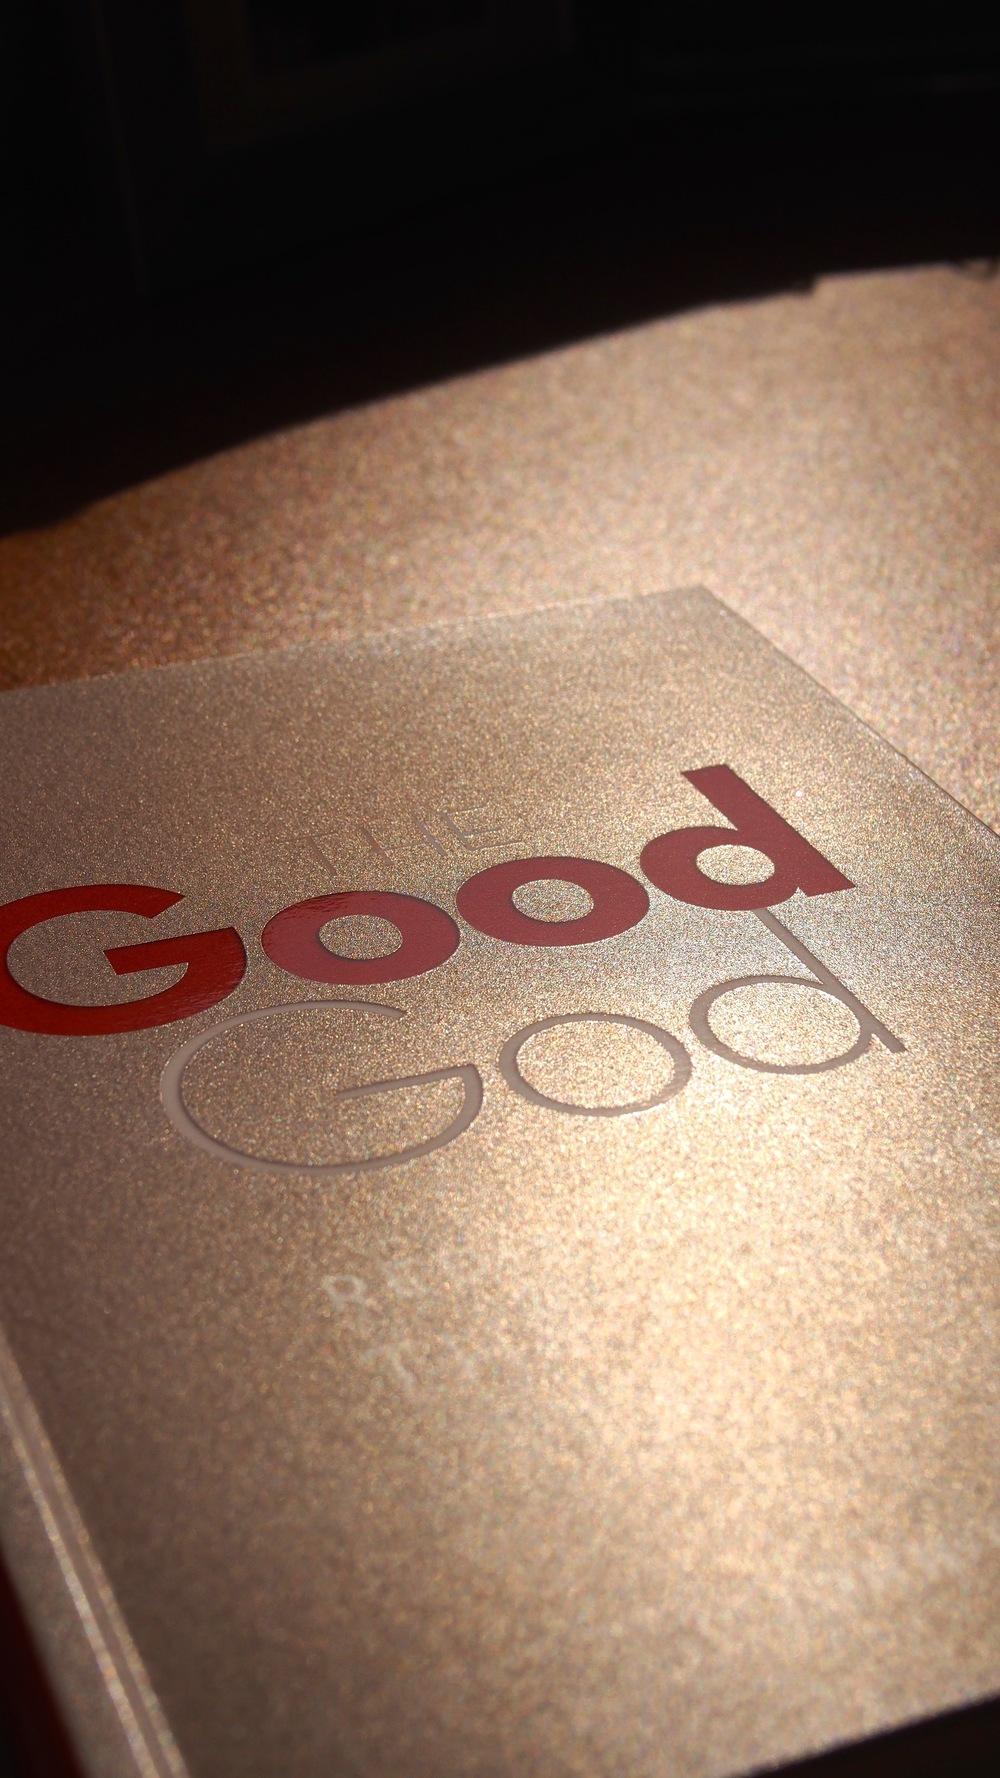 The Good God in New Light